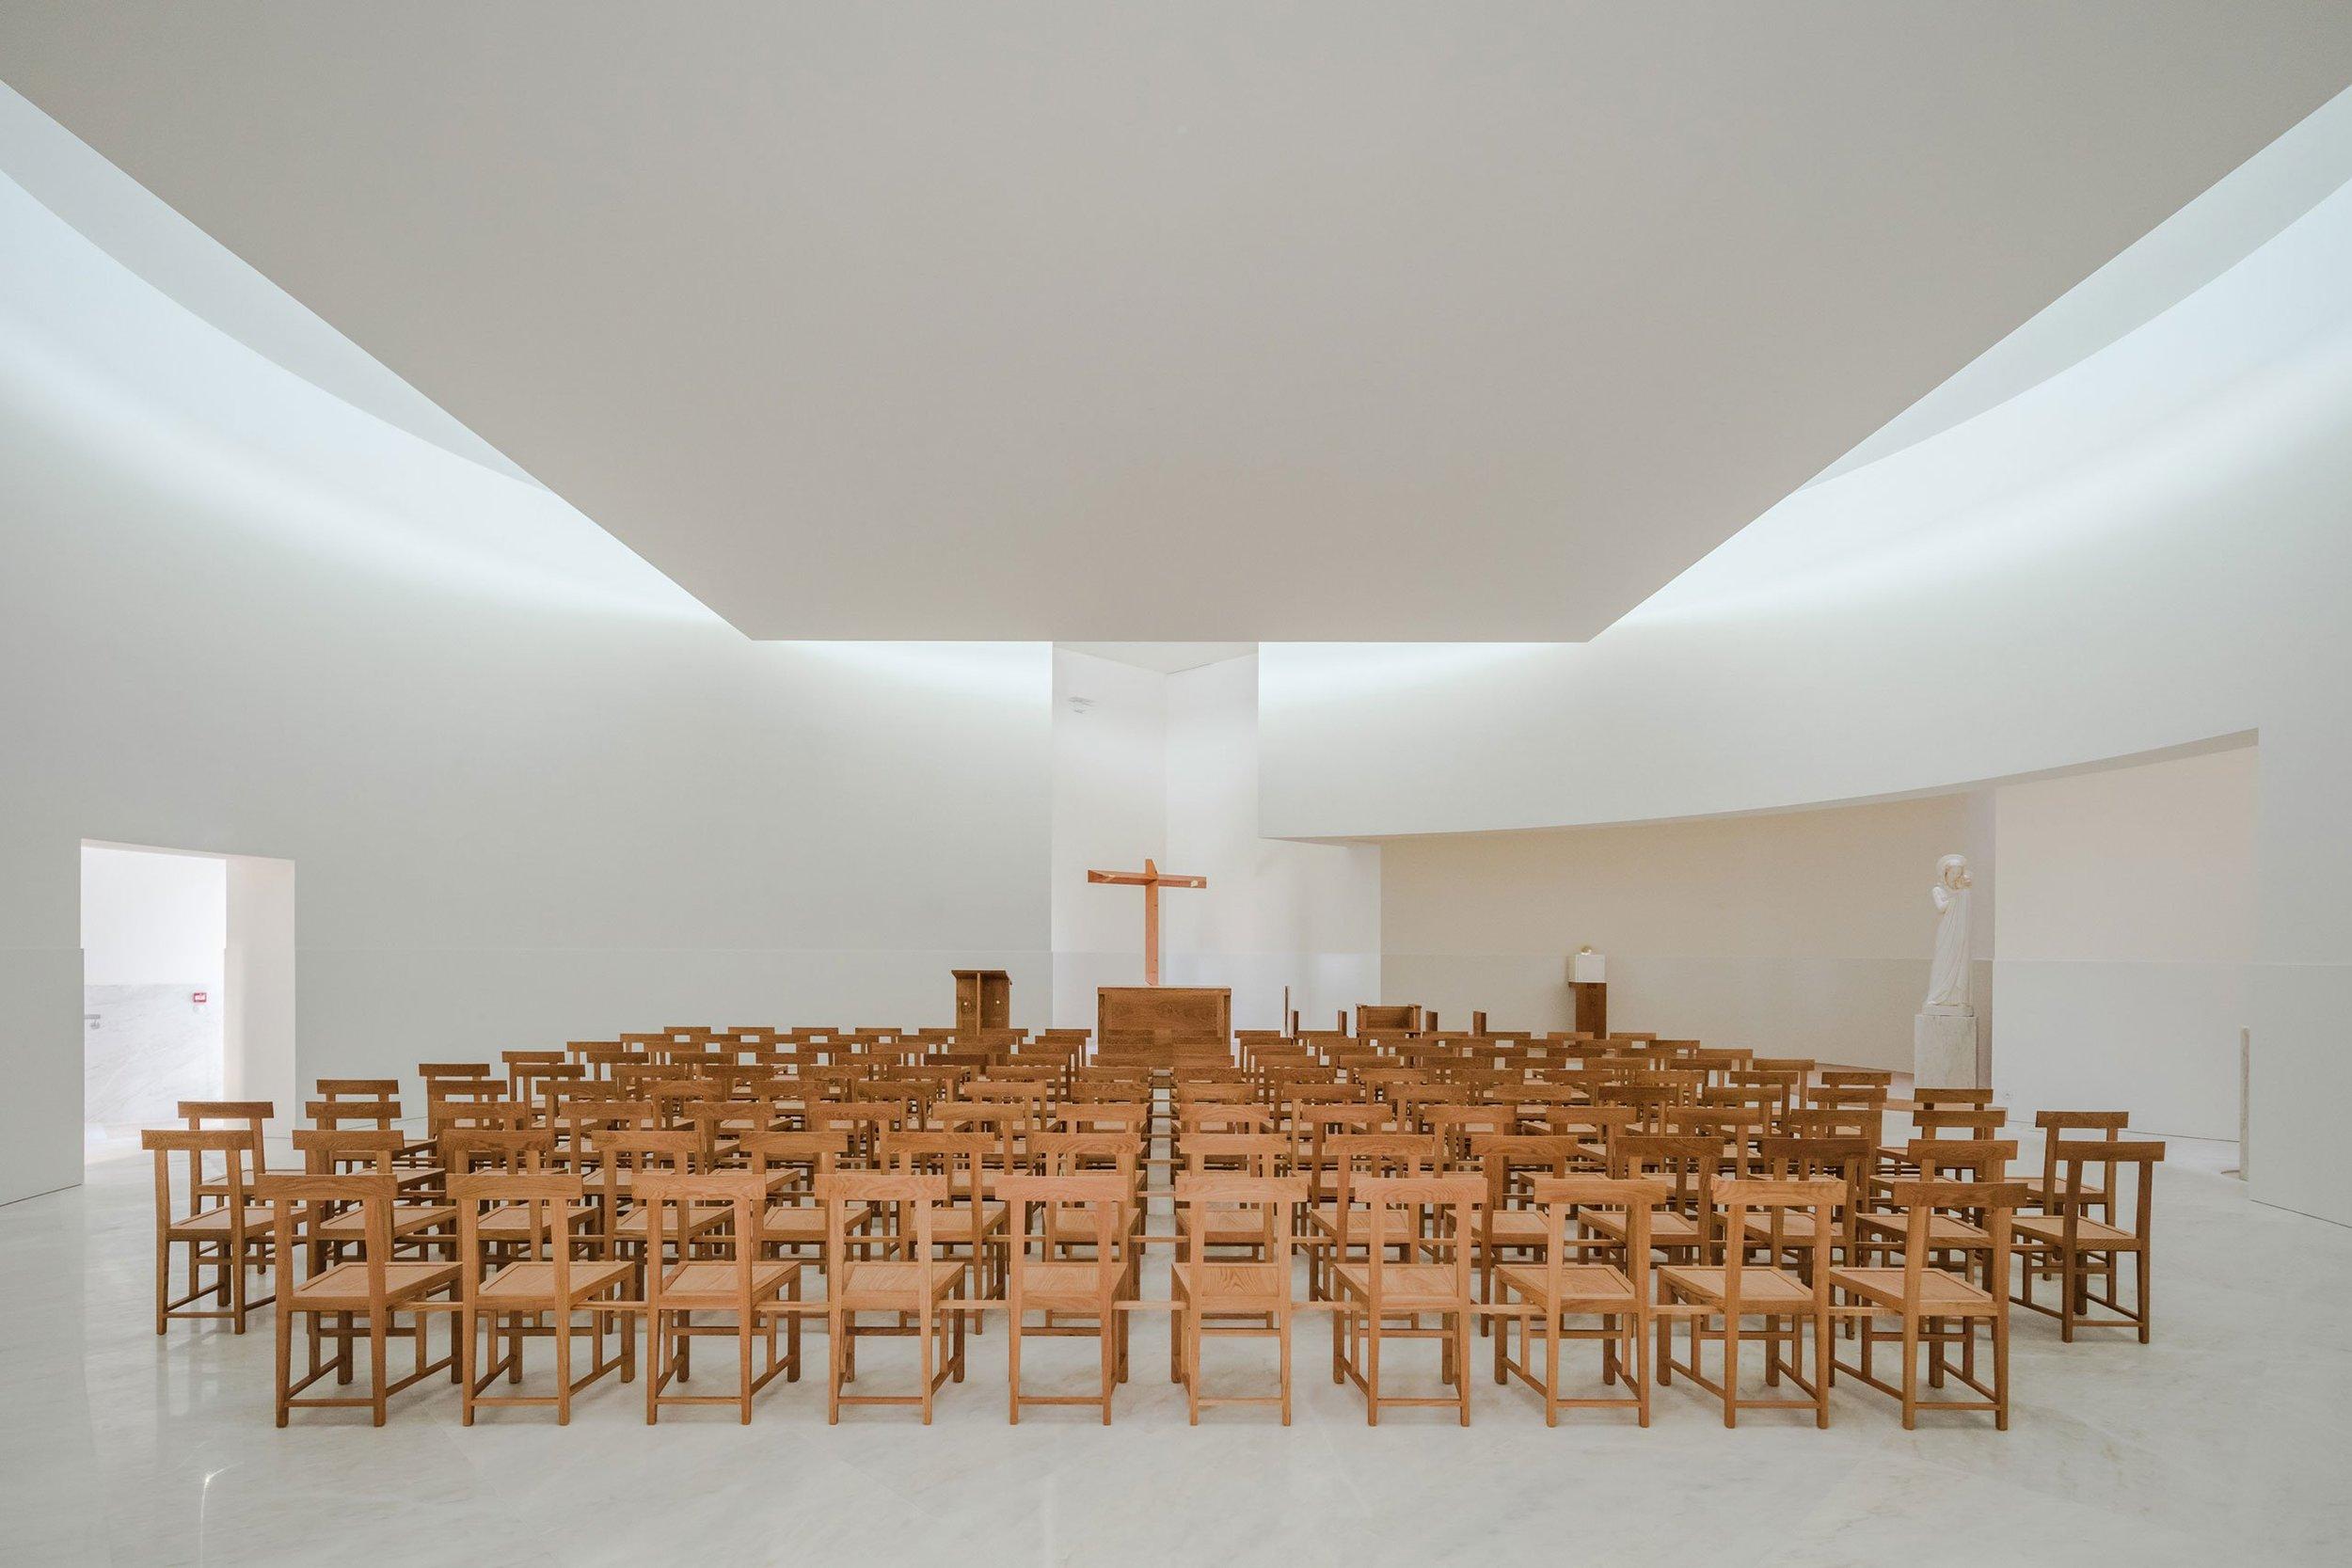 s5_church_of_saint_jacques_de_la_lande_rennes_france_alvaro_siza_vieira_dezainaa_5.jpg